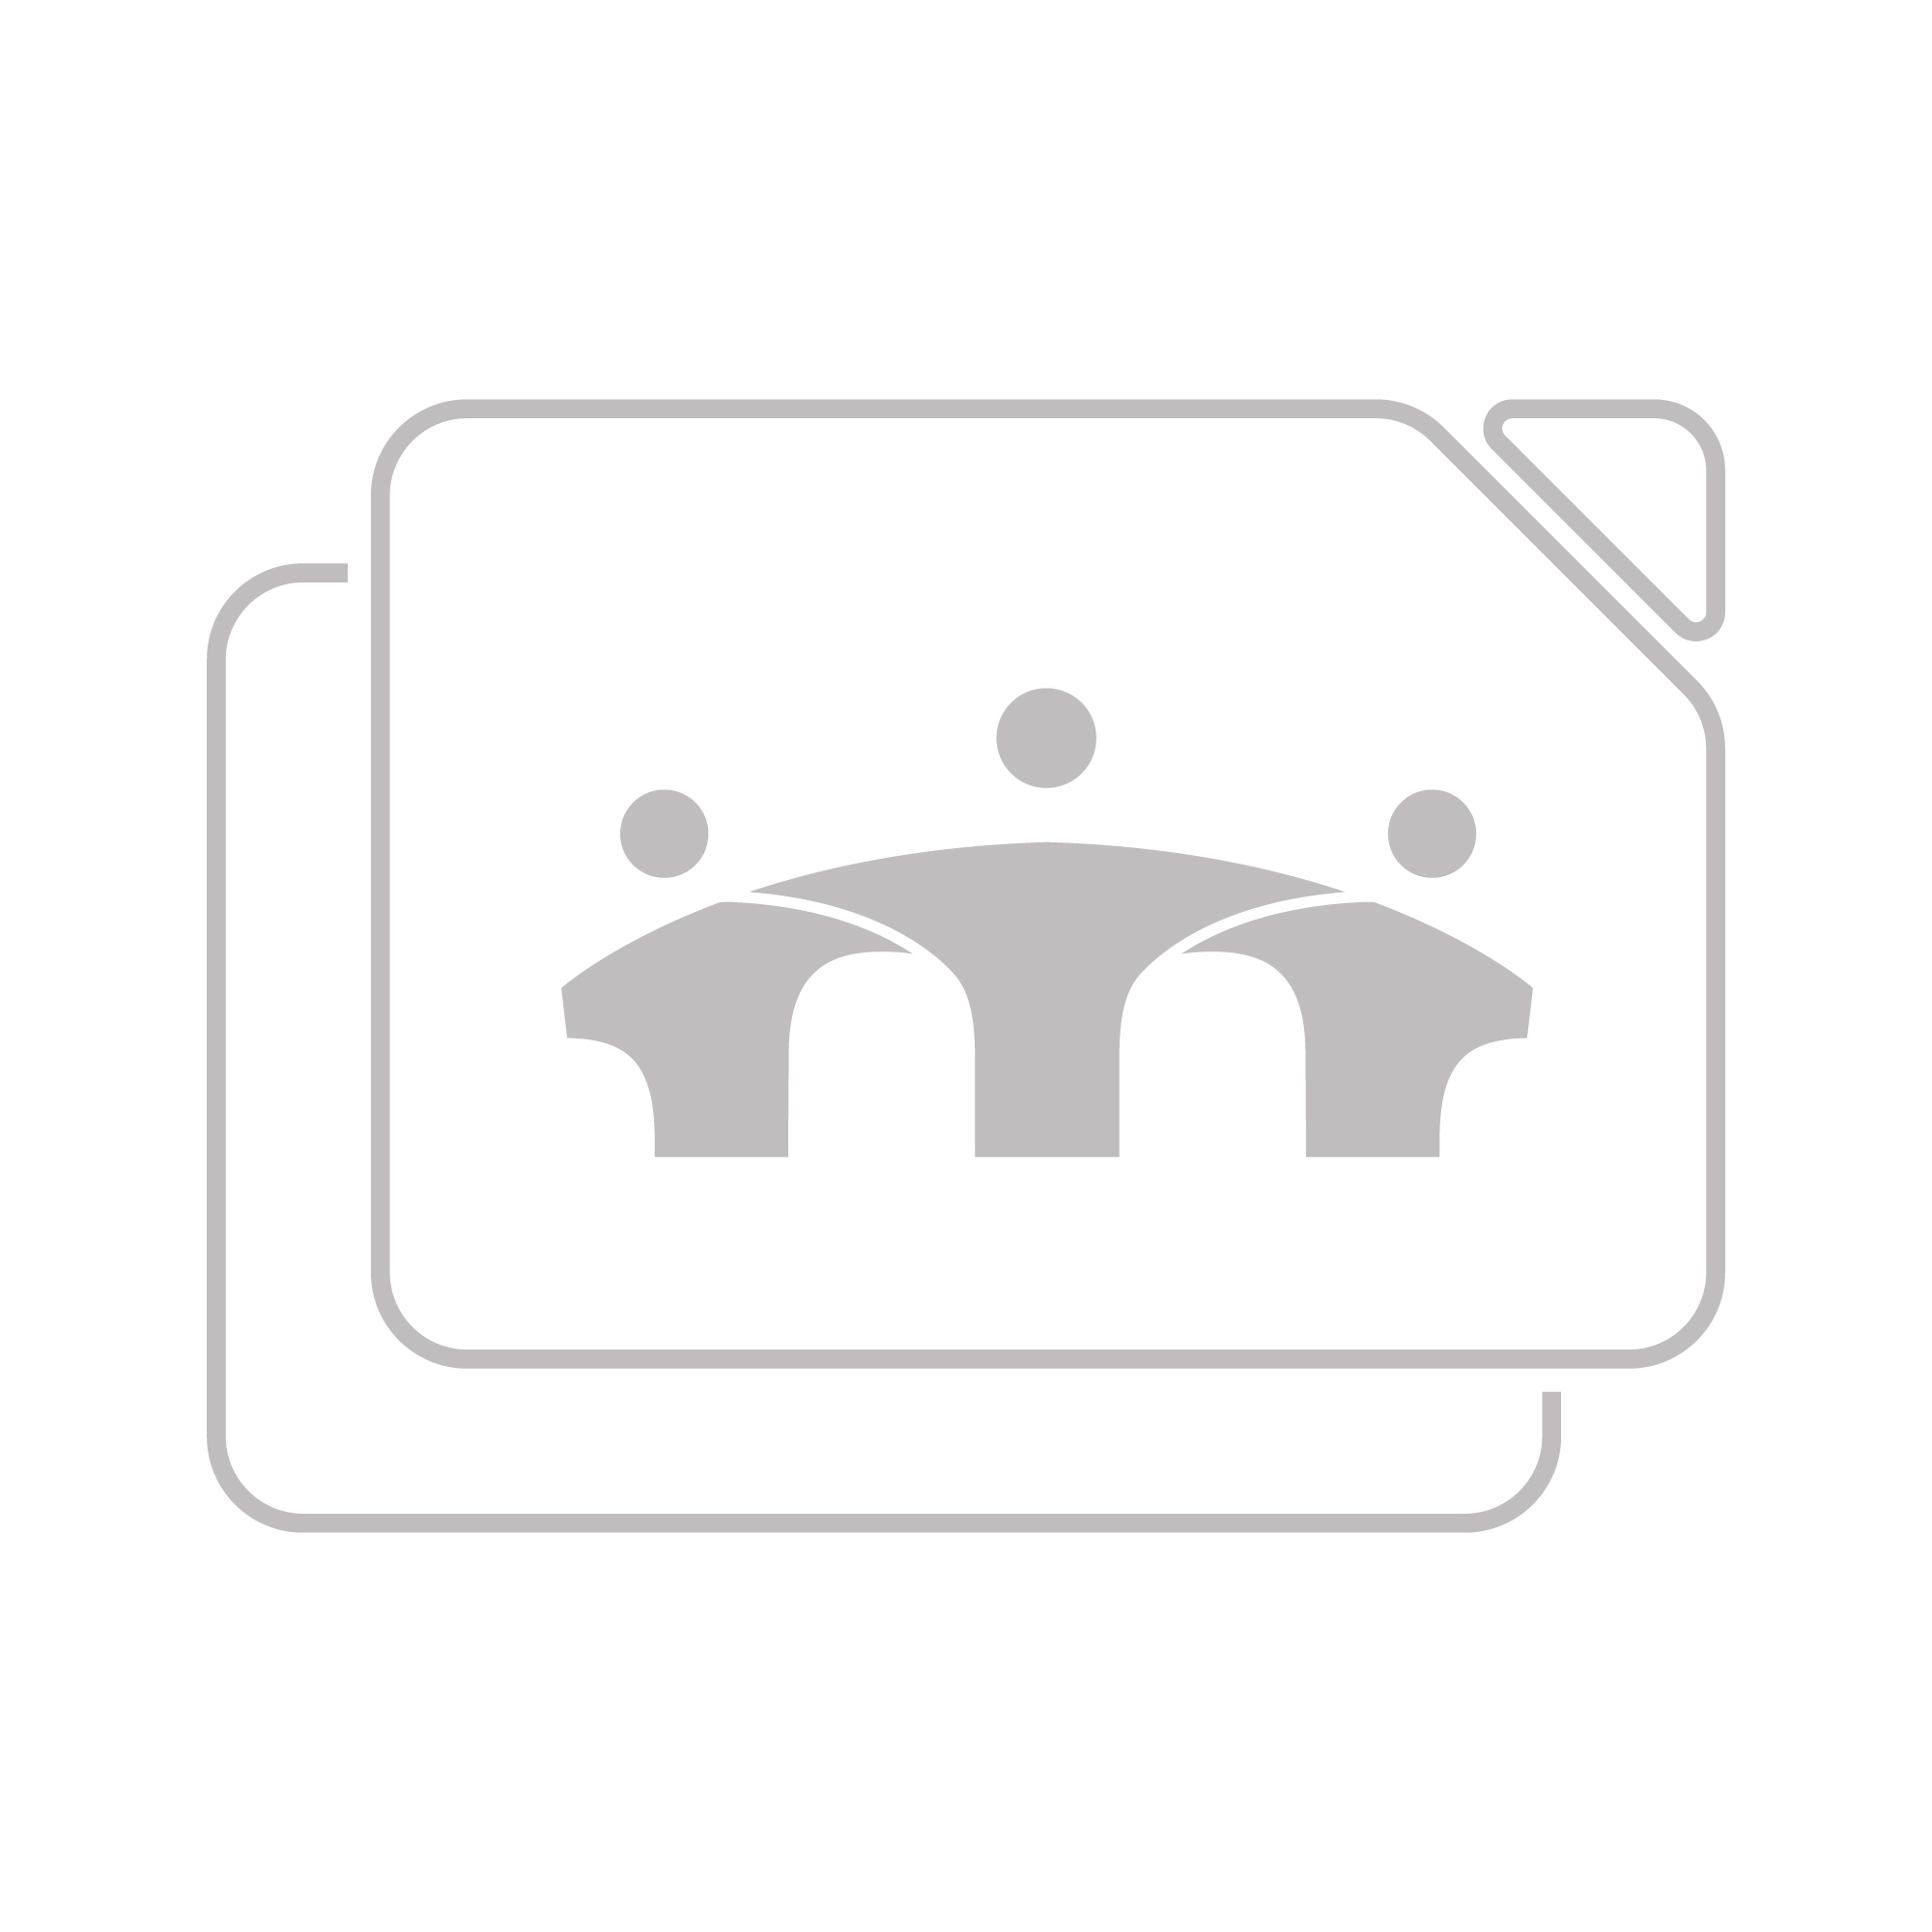 iStorage datAshur Pro2 512GB